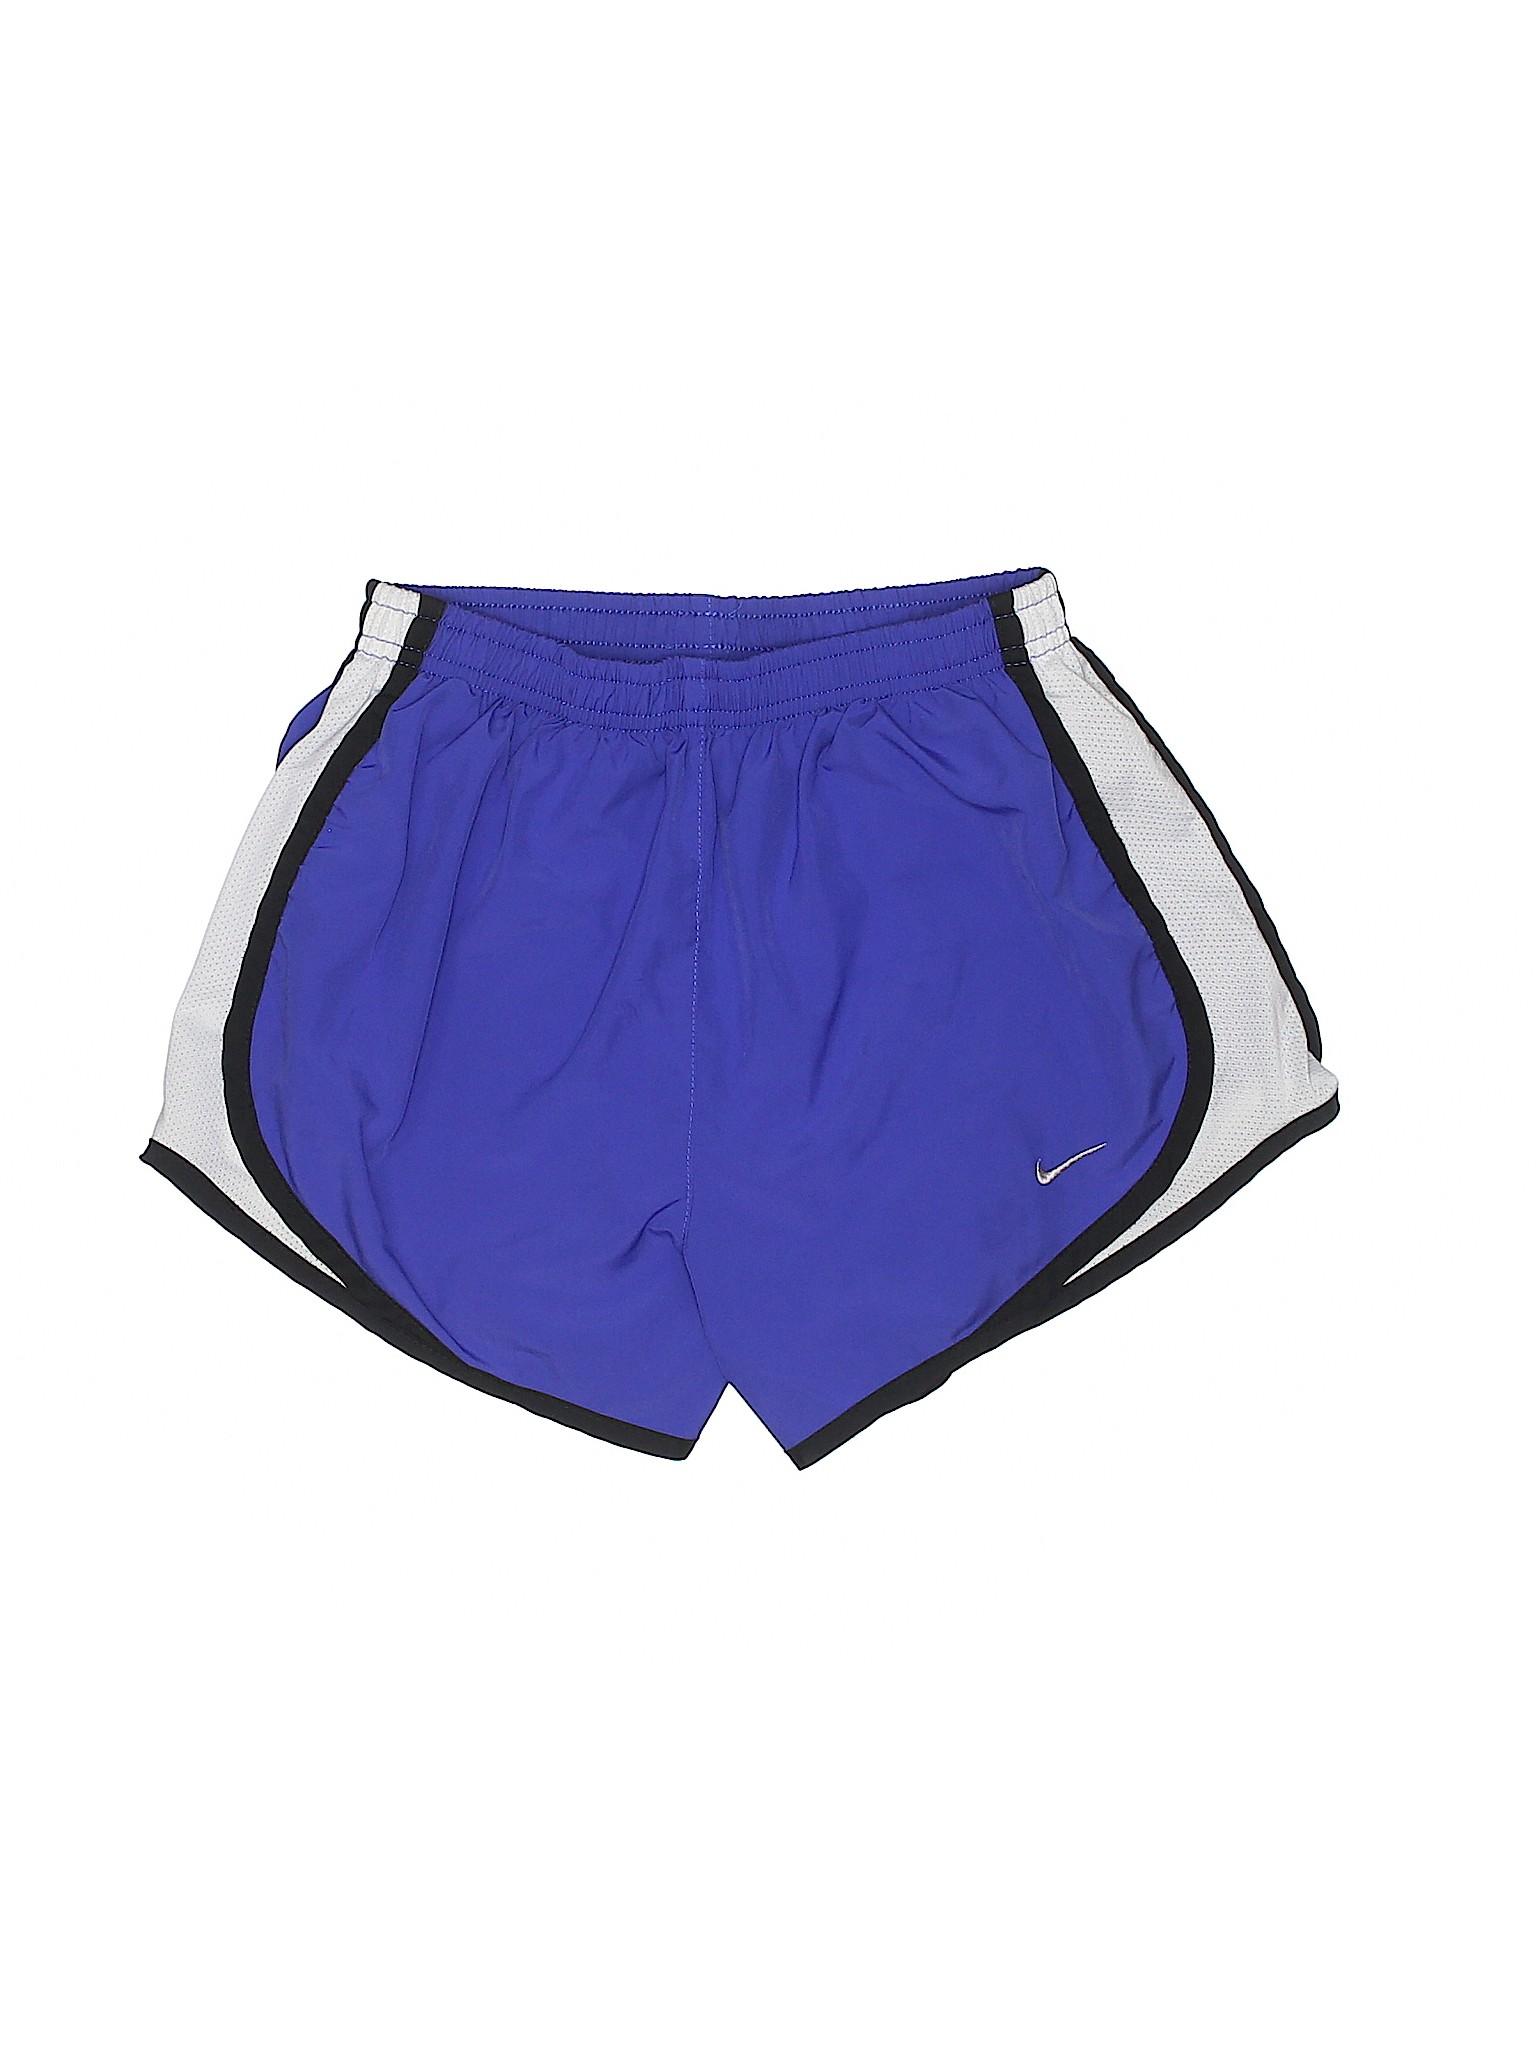 Shorts Nike Boutique Athletic Shorts Athletic Boutique Athletic Nike Boutique Shorts Nike cFW6rRyc